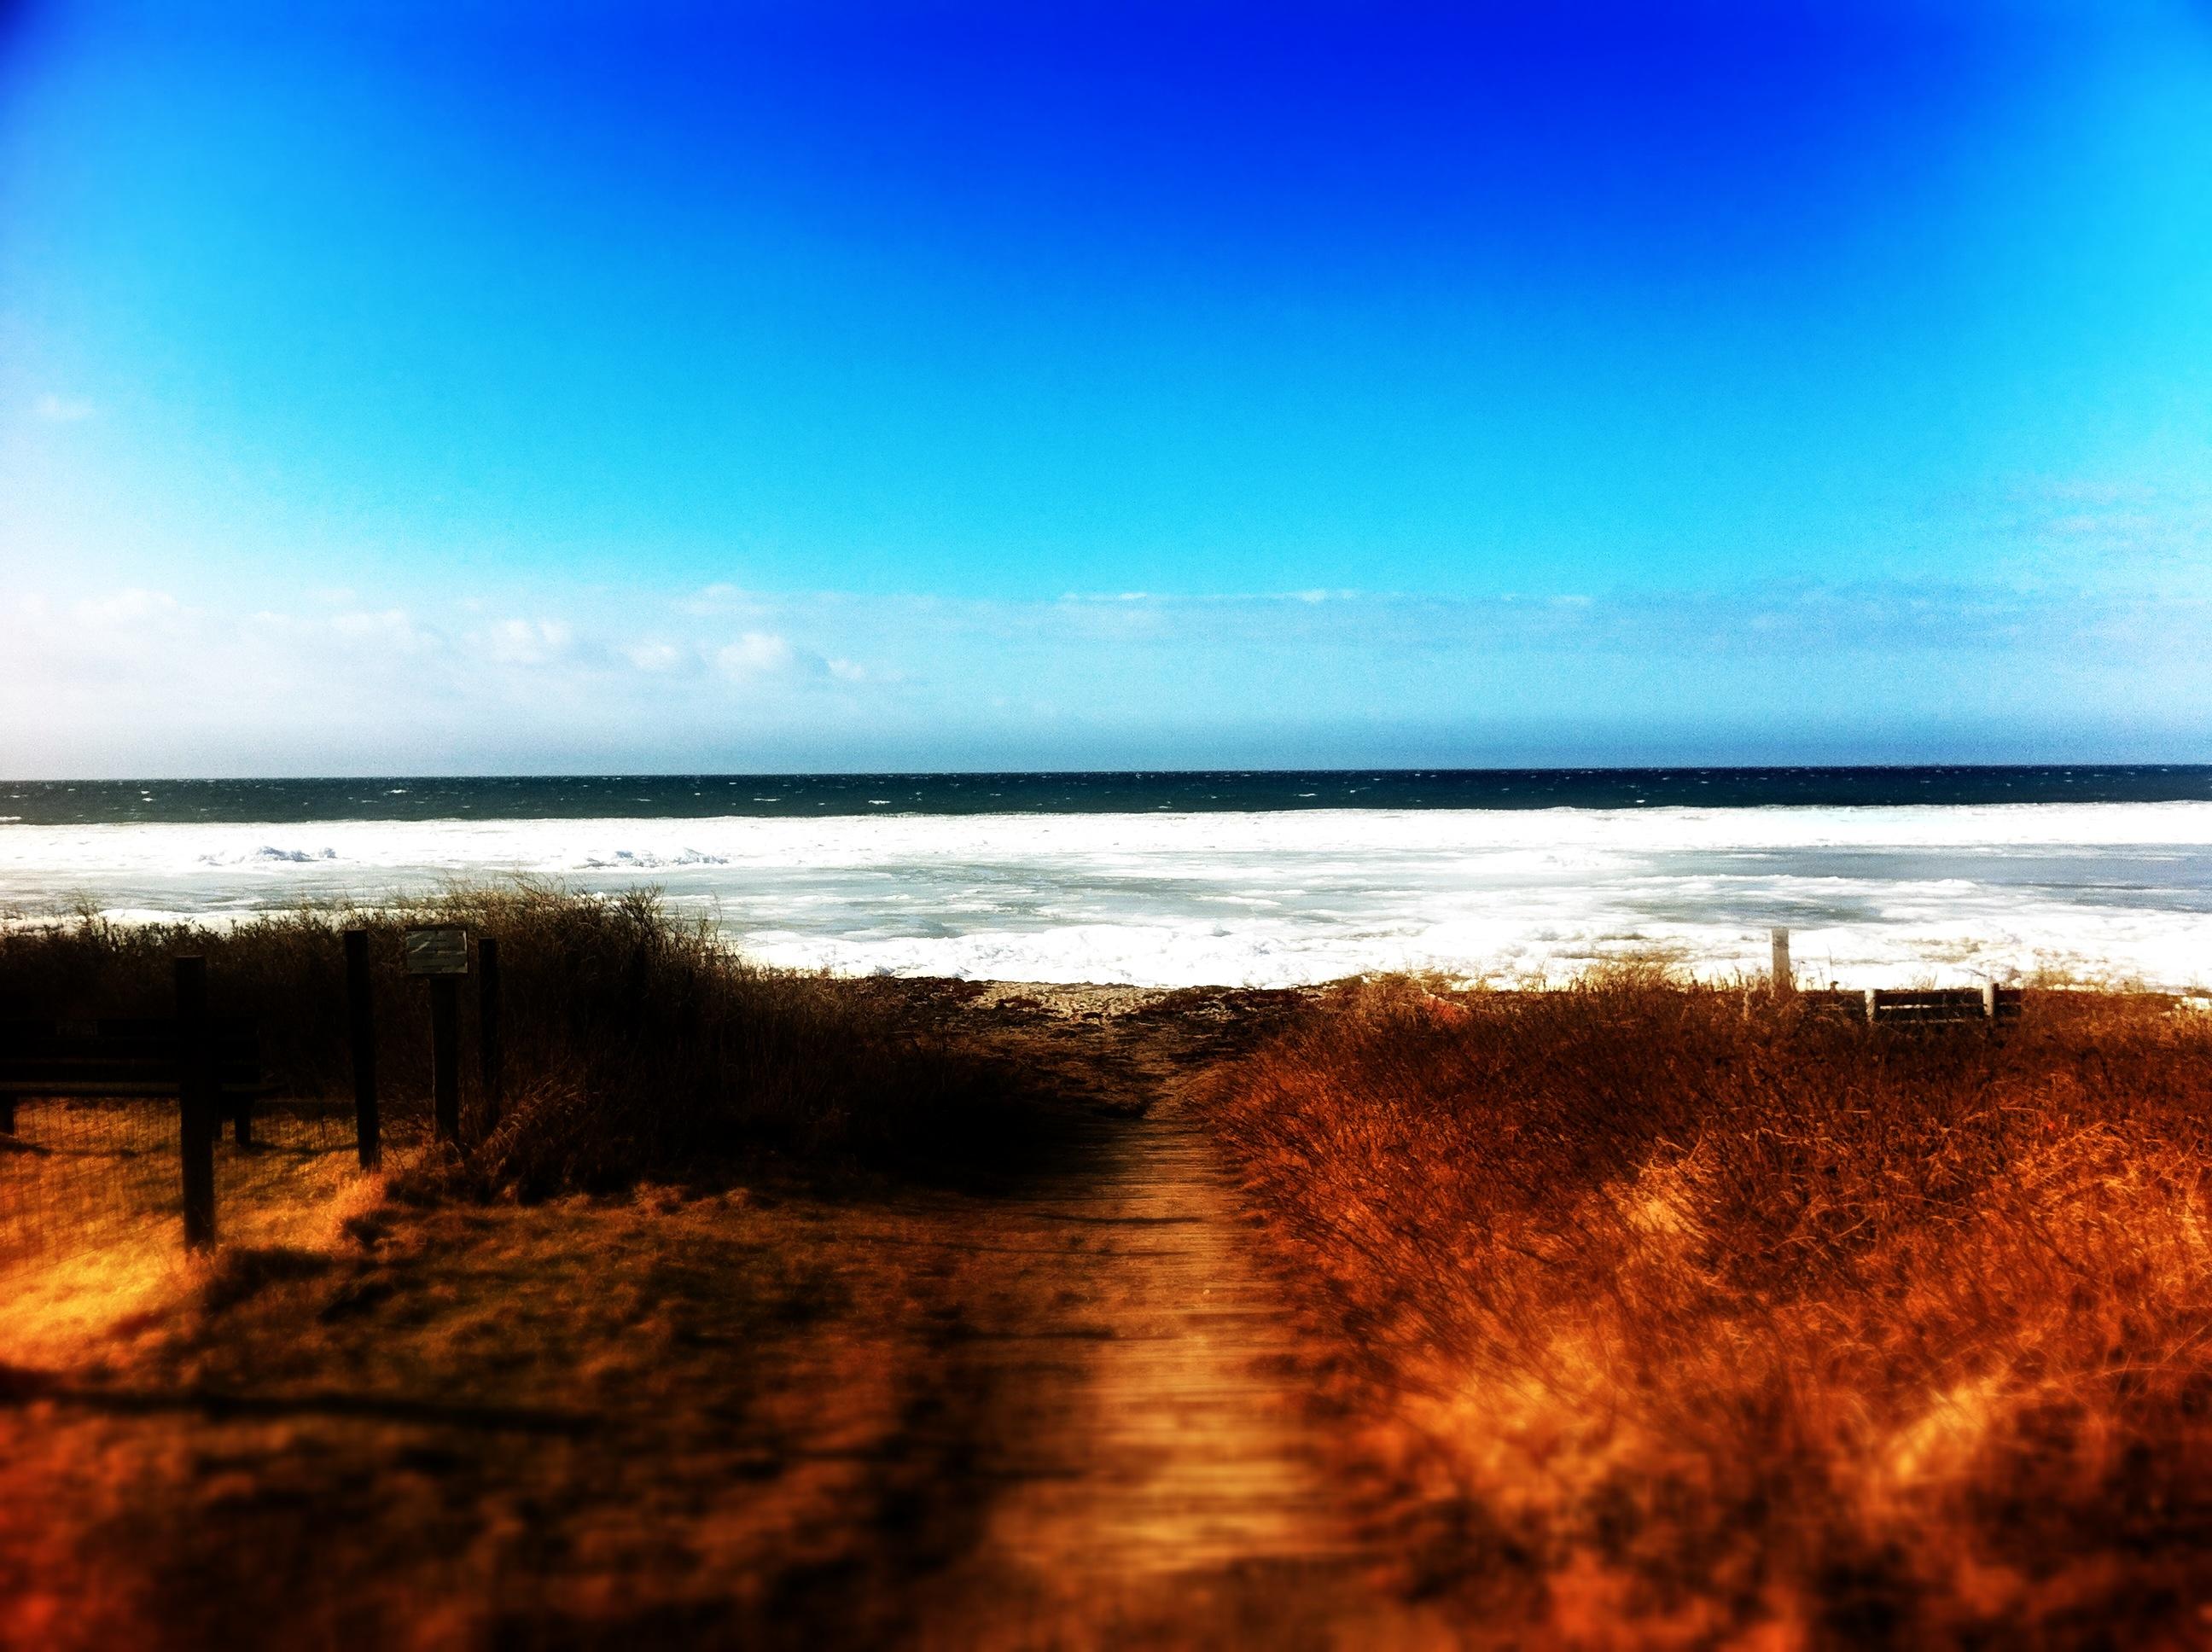 Beach 2 Hd Ipad Wallpaper By Nbrixen On Deviantart